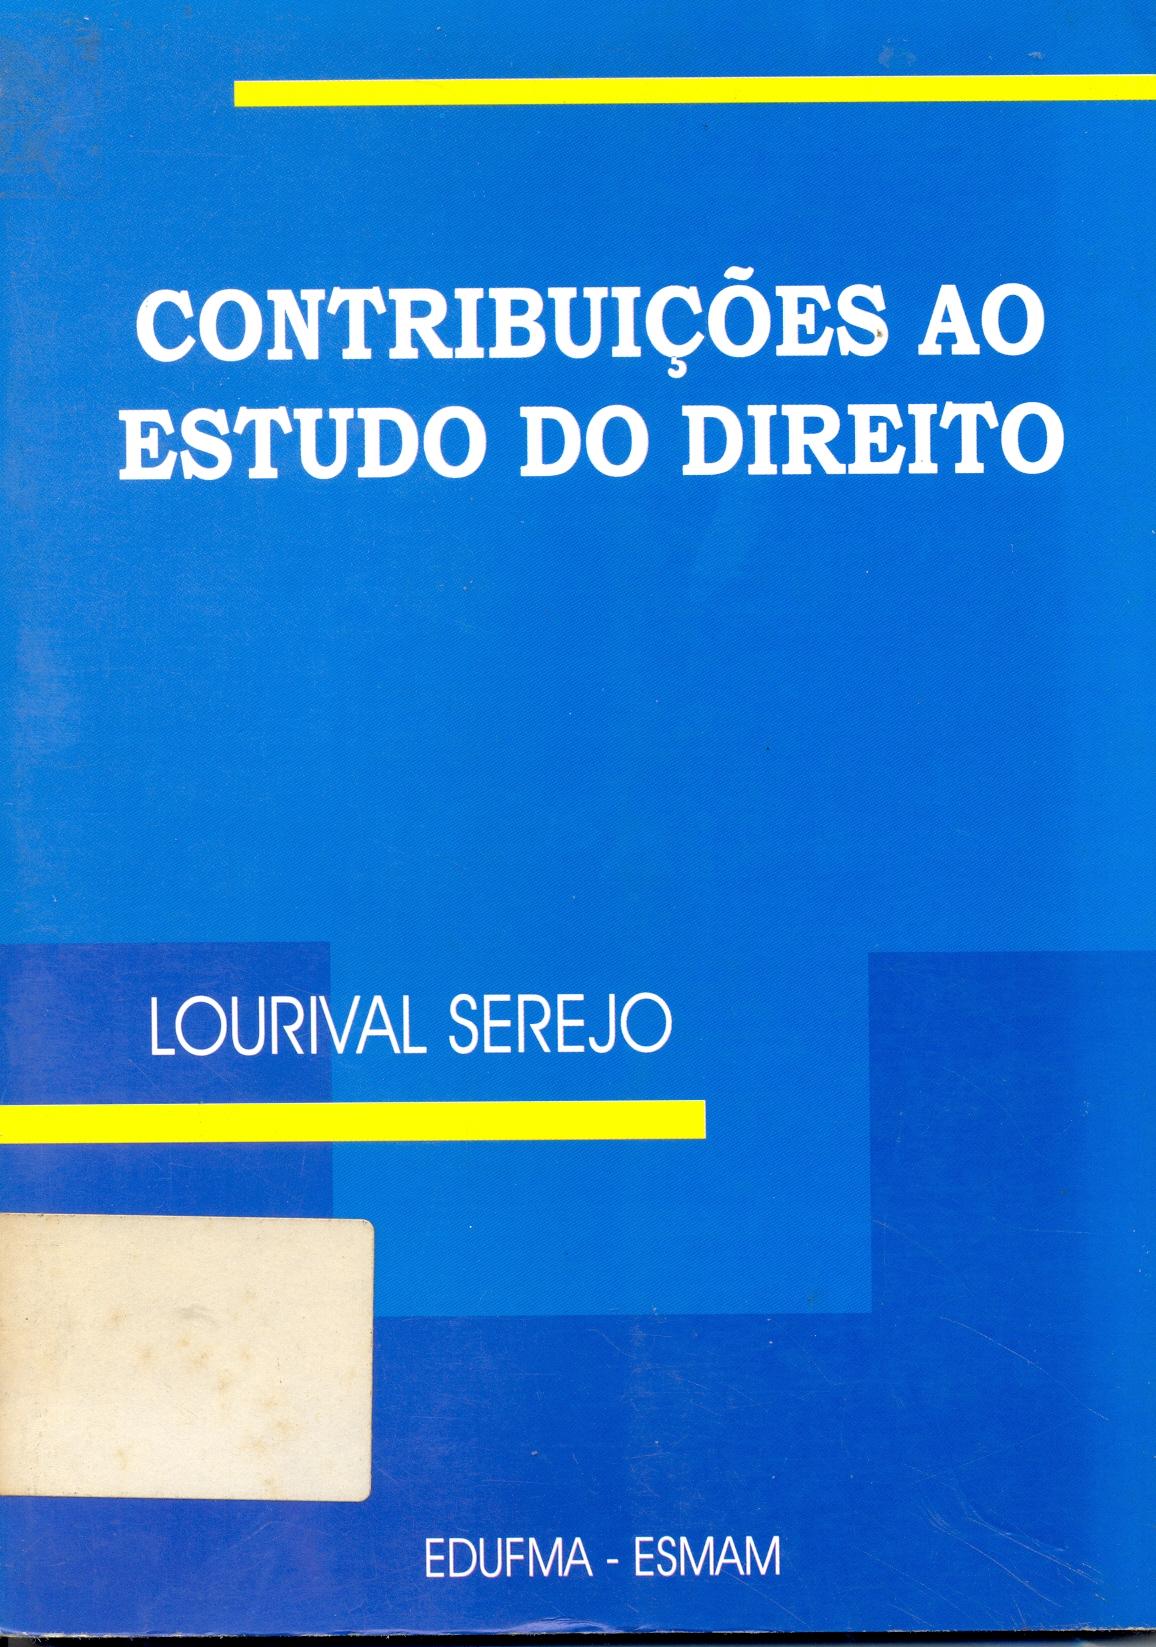 Contribuições ao Estudo do Direito